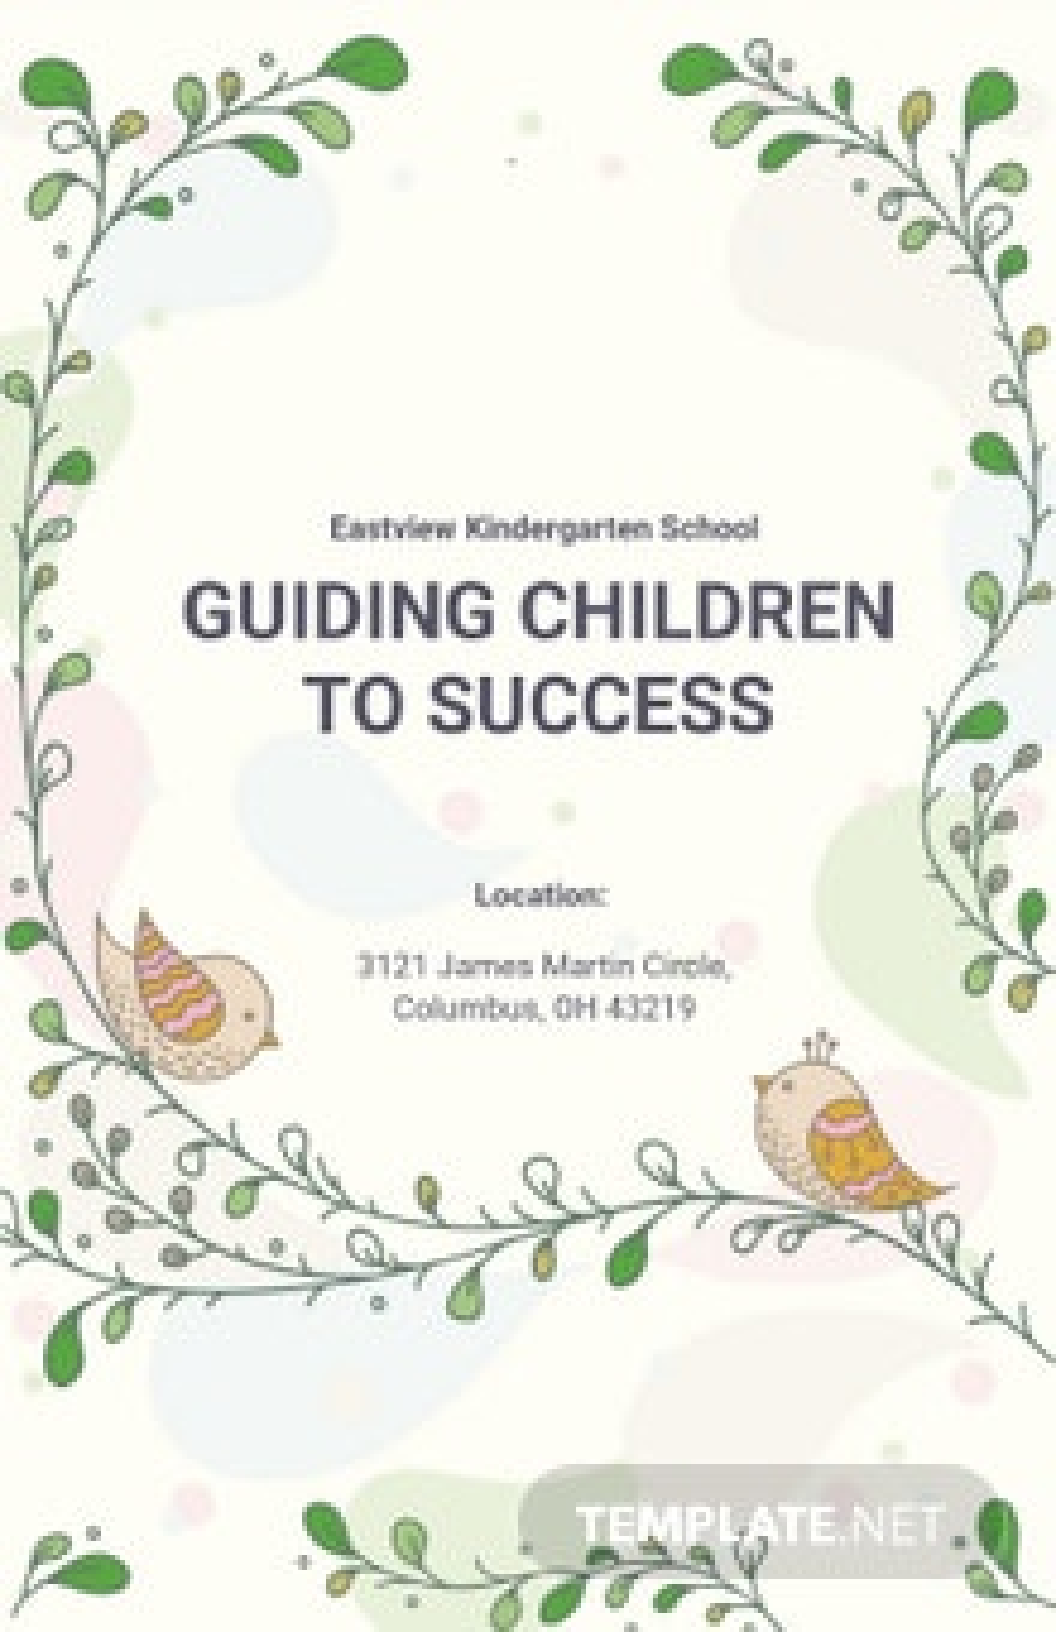 Kindergarten School Poster Template